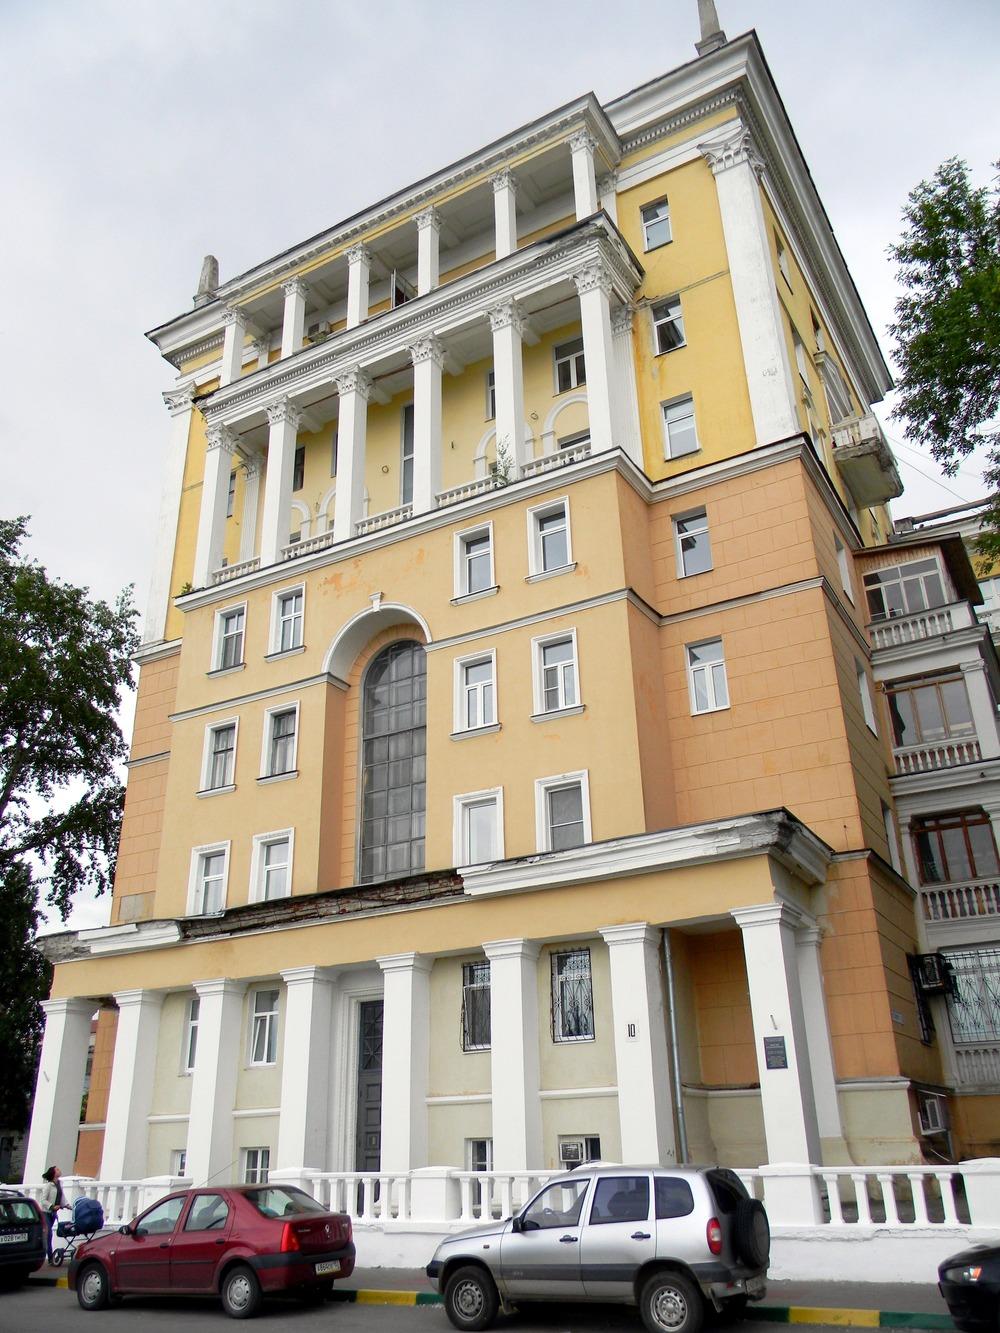 Дом железнодорожника архитектора Д. П. Сильванова на Верхне-Волжской, 1937-38